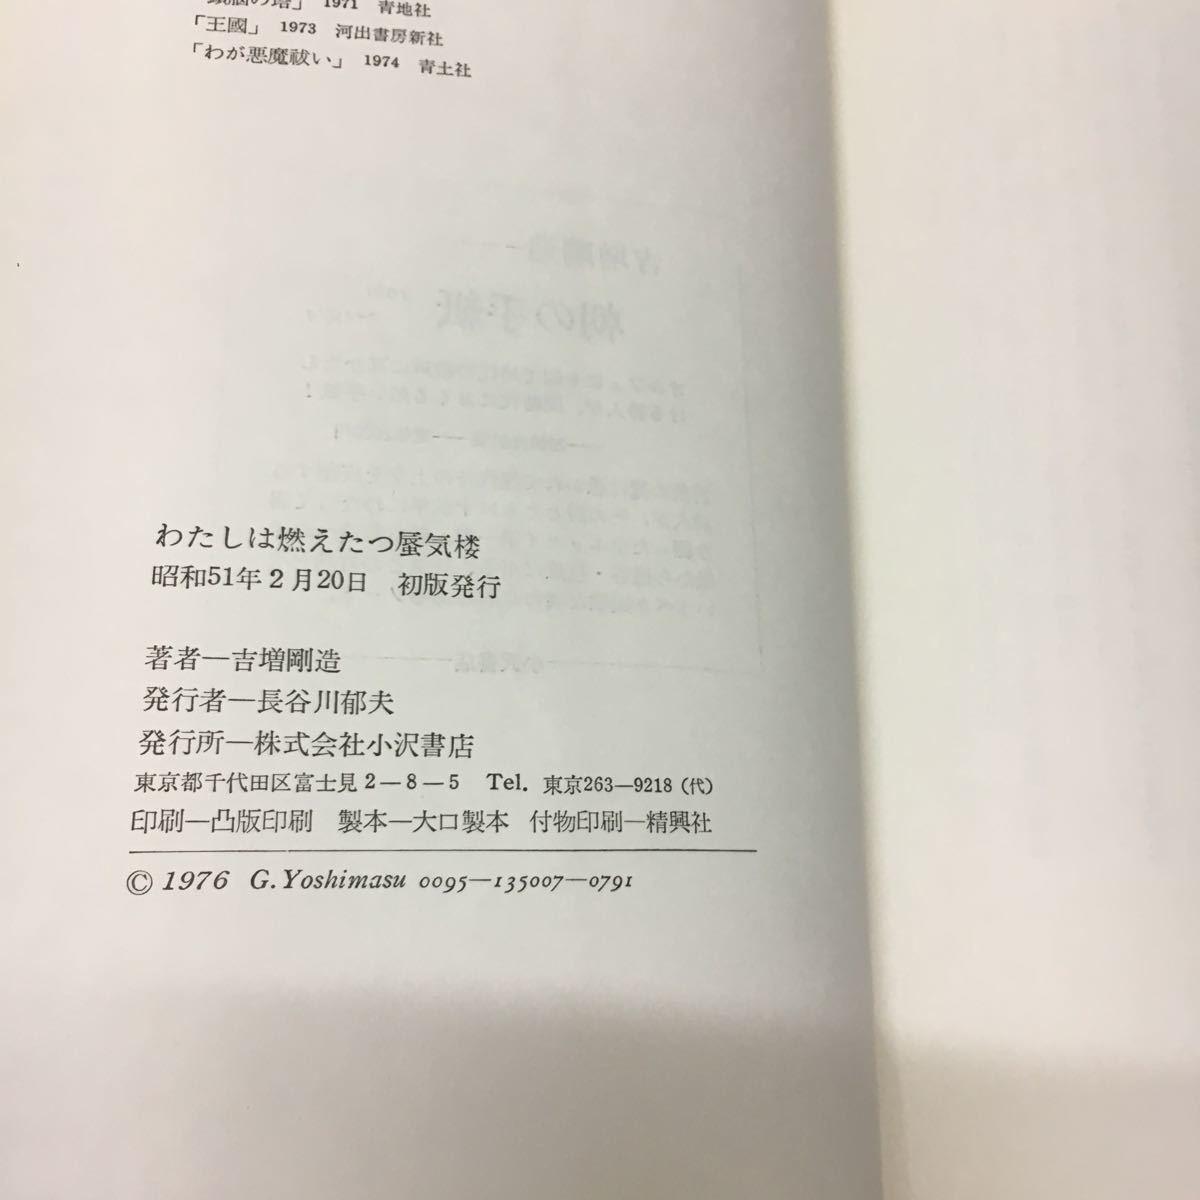 昭和51年 吉増剛造『わたしは燃えたつ蜃気楼』小沢書店 署名入 初版_画像3